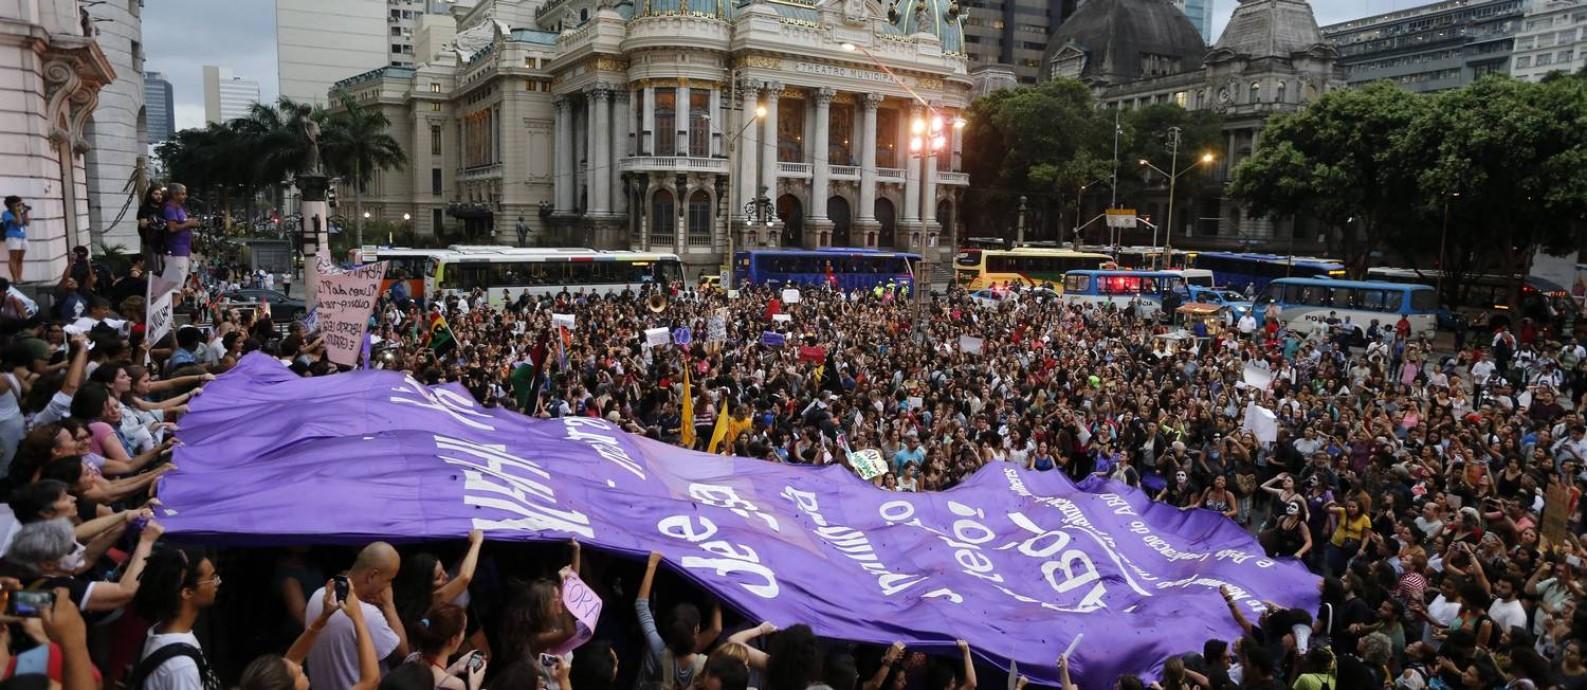 Protesto de mulheres contra Eduardo Cunha, no Centro do Rio Foto: Domingos Peixoto / Agência O Globo